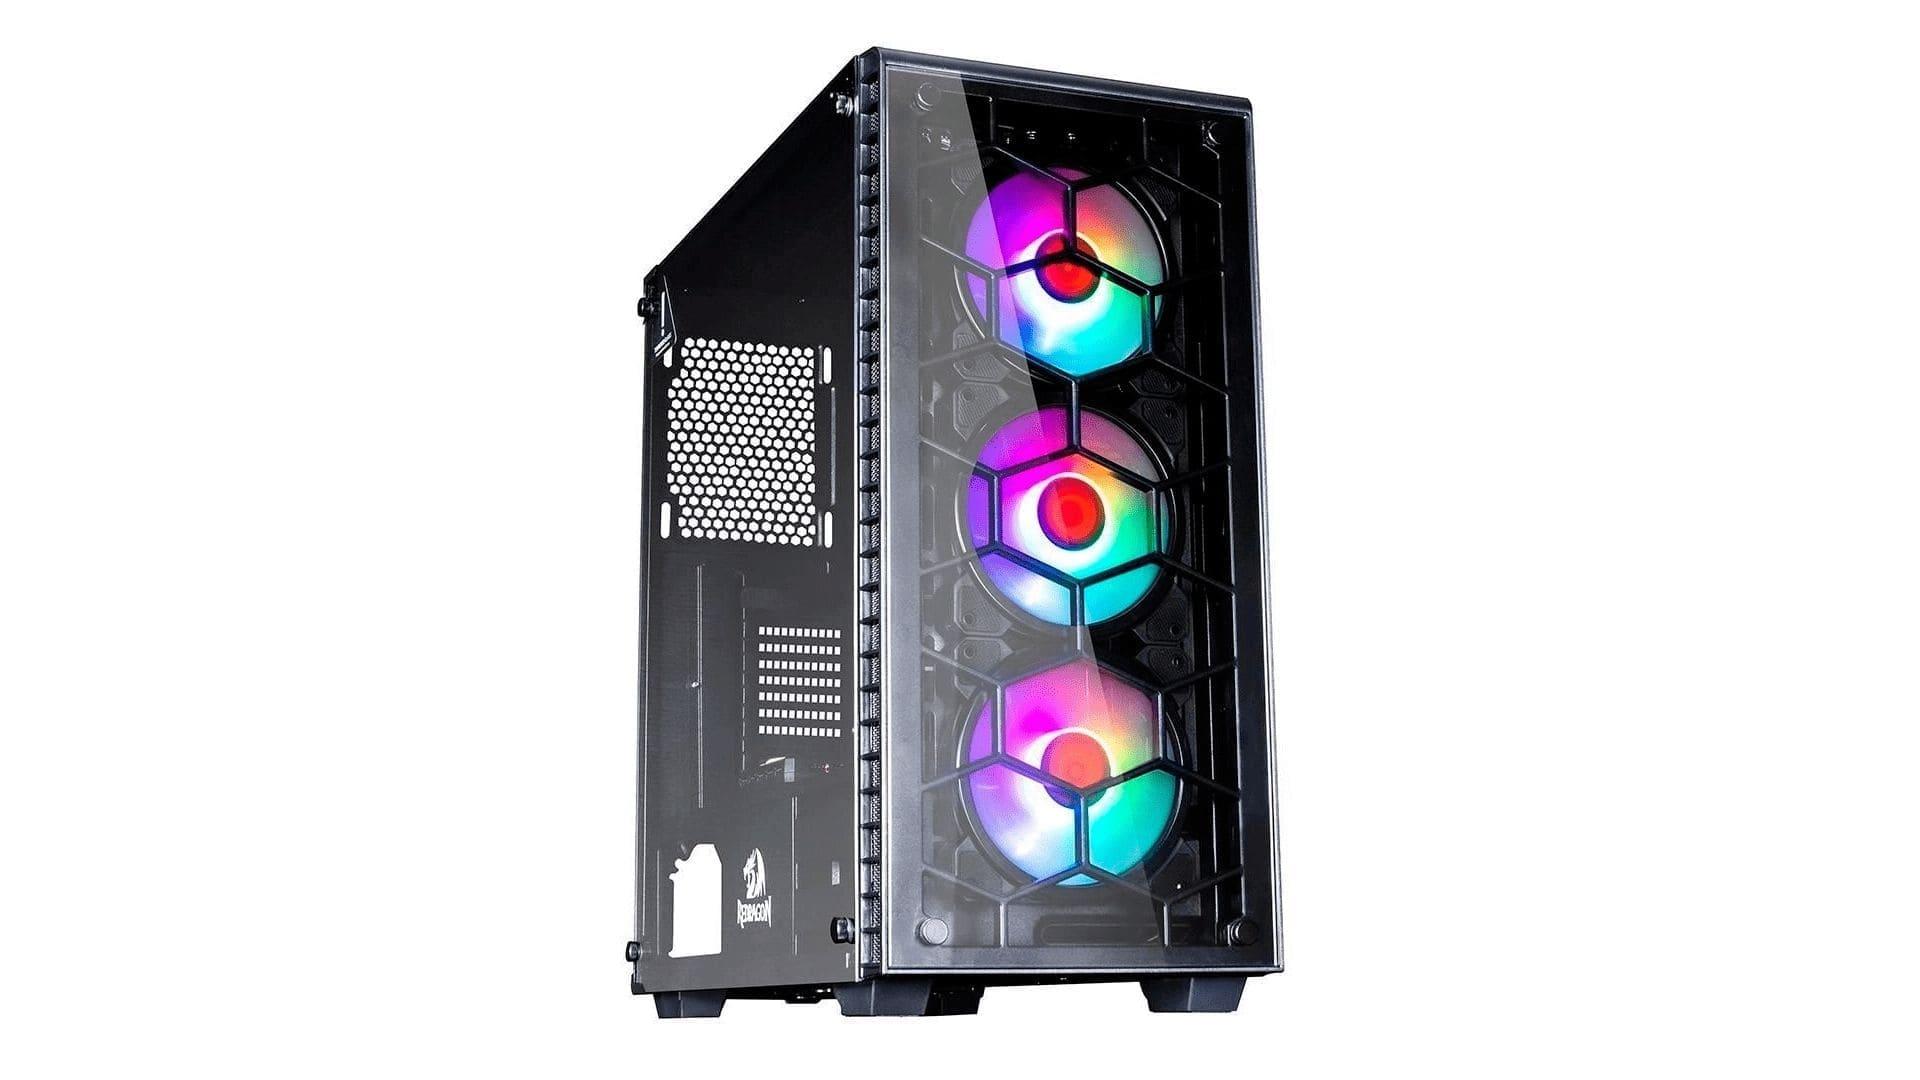 Gabinete Redragon Diamond Storm Pro preto com detalhe RGB na parte frontal em fundo branco